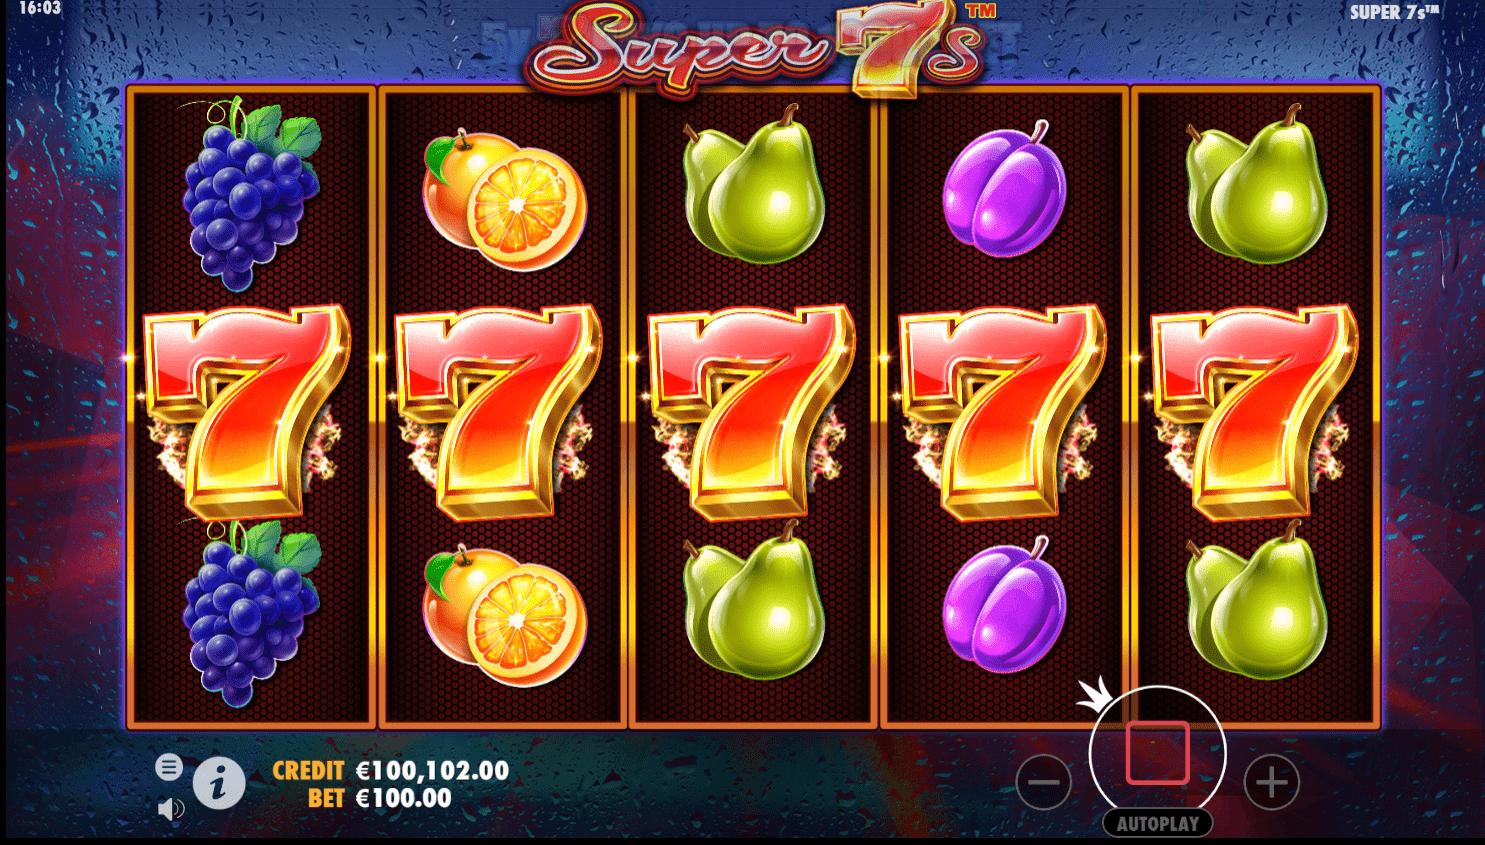 Super 7 Games